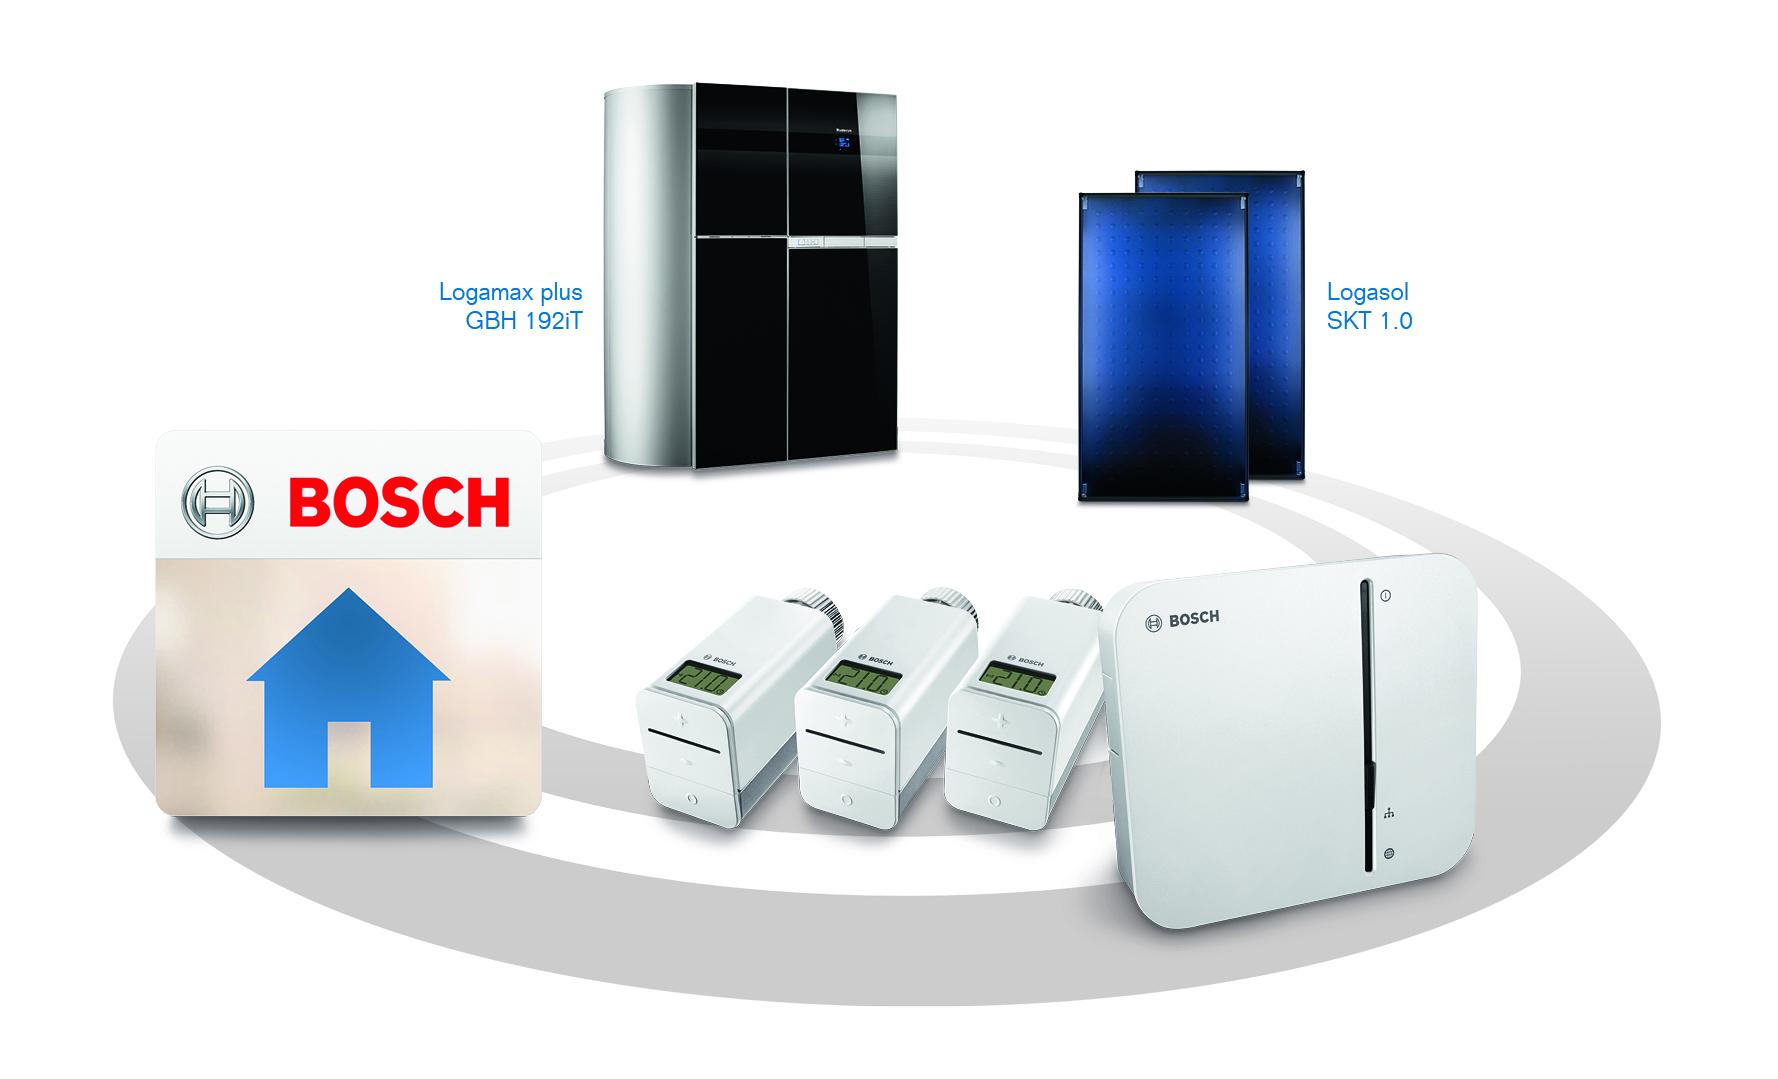 intelligent: buderus-heizsysteme in bosch-smart-home-lösung einbinden